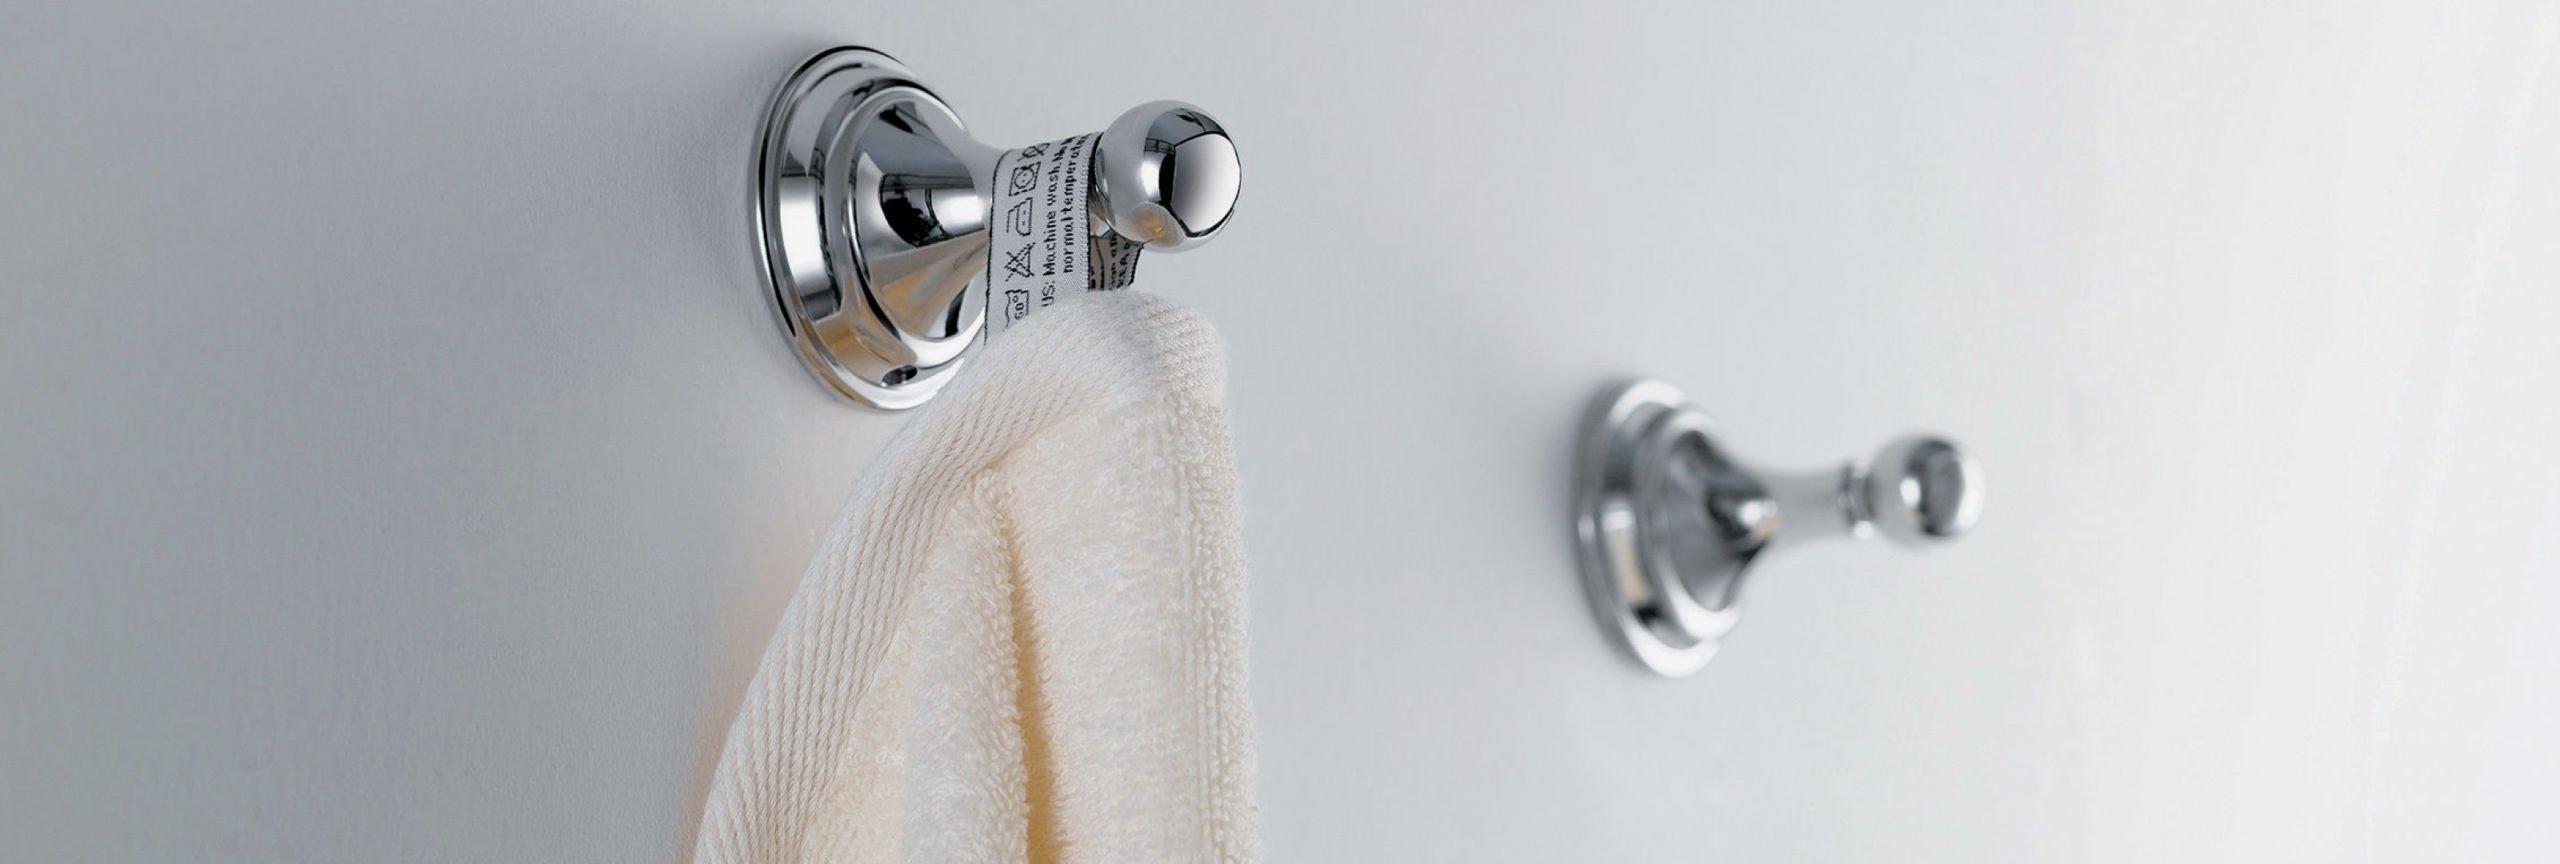 bathroom accessories: robe hooks on wall